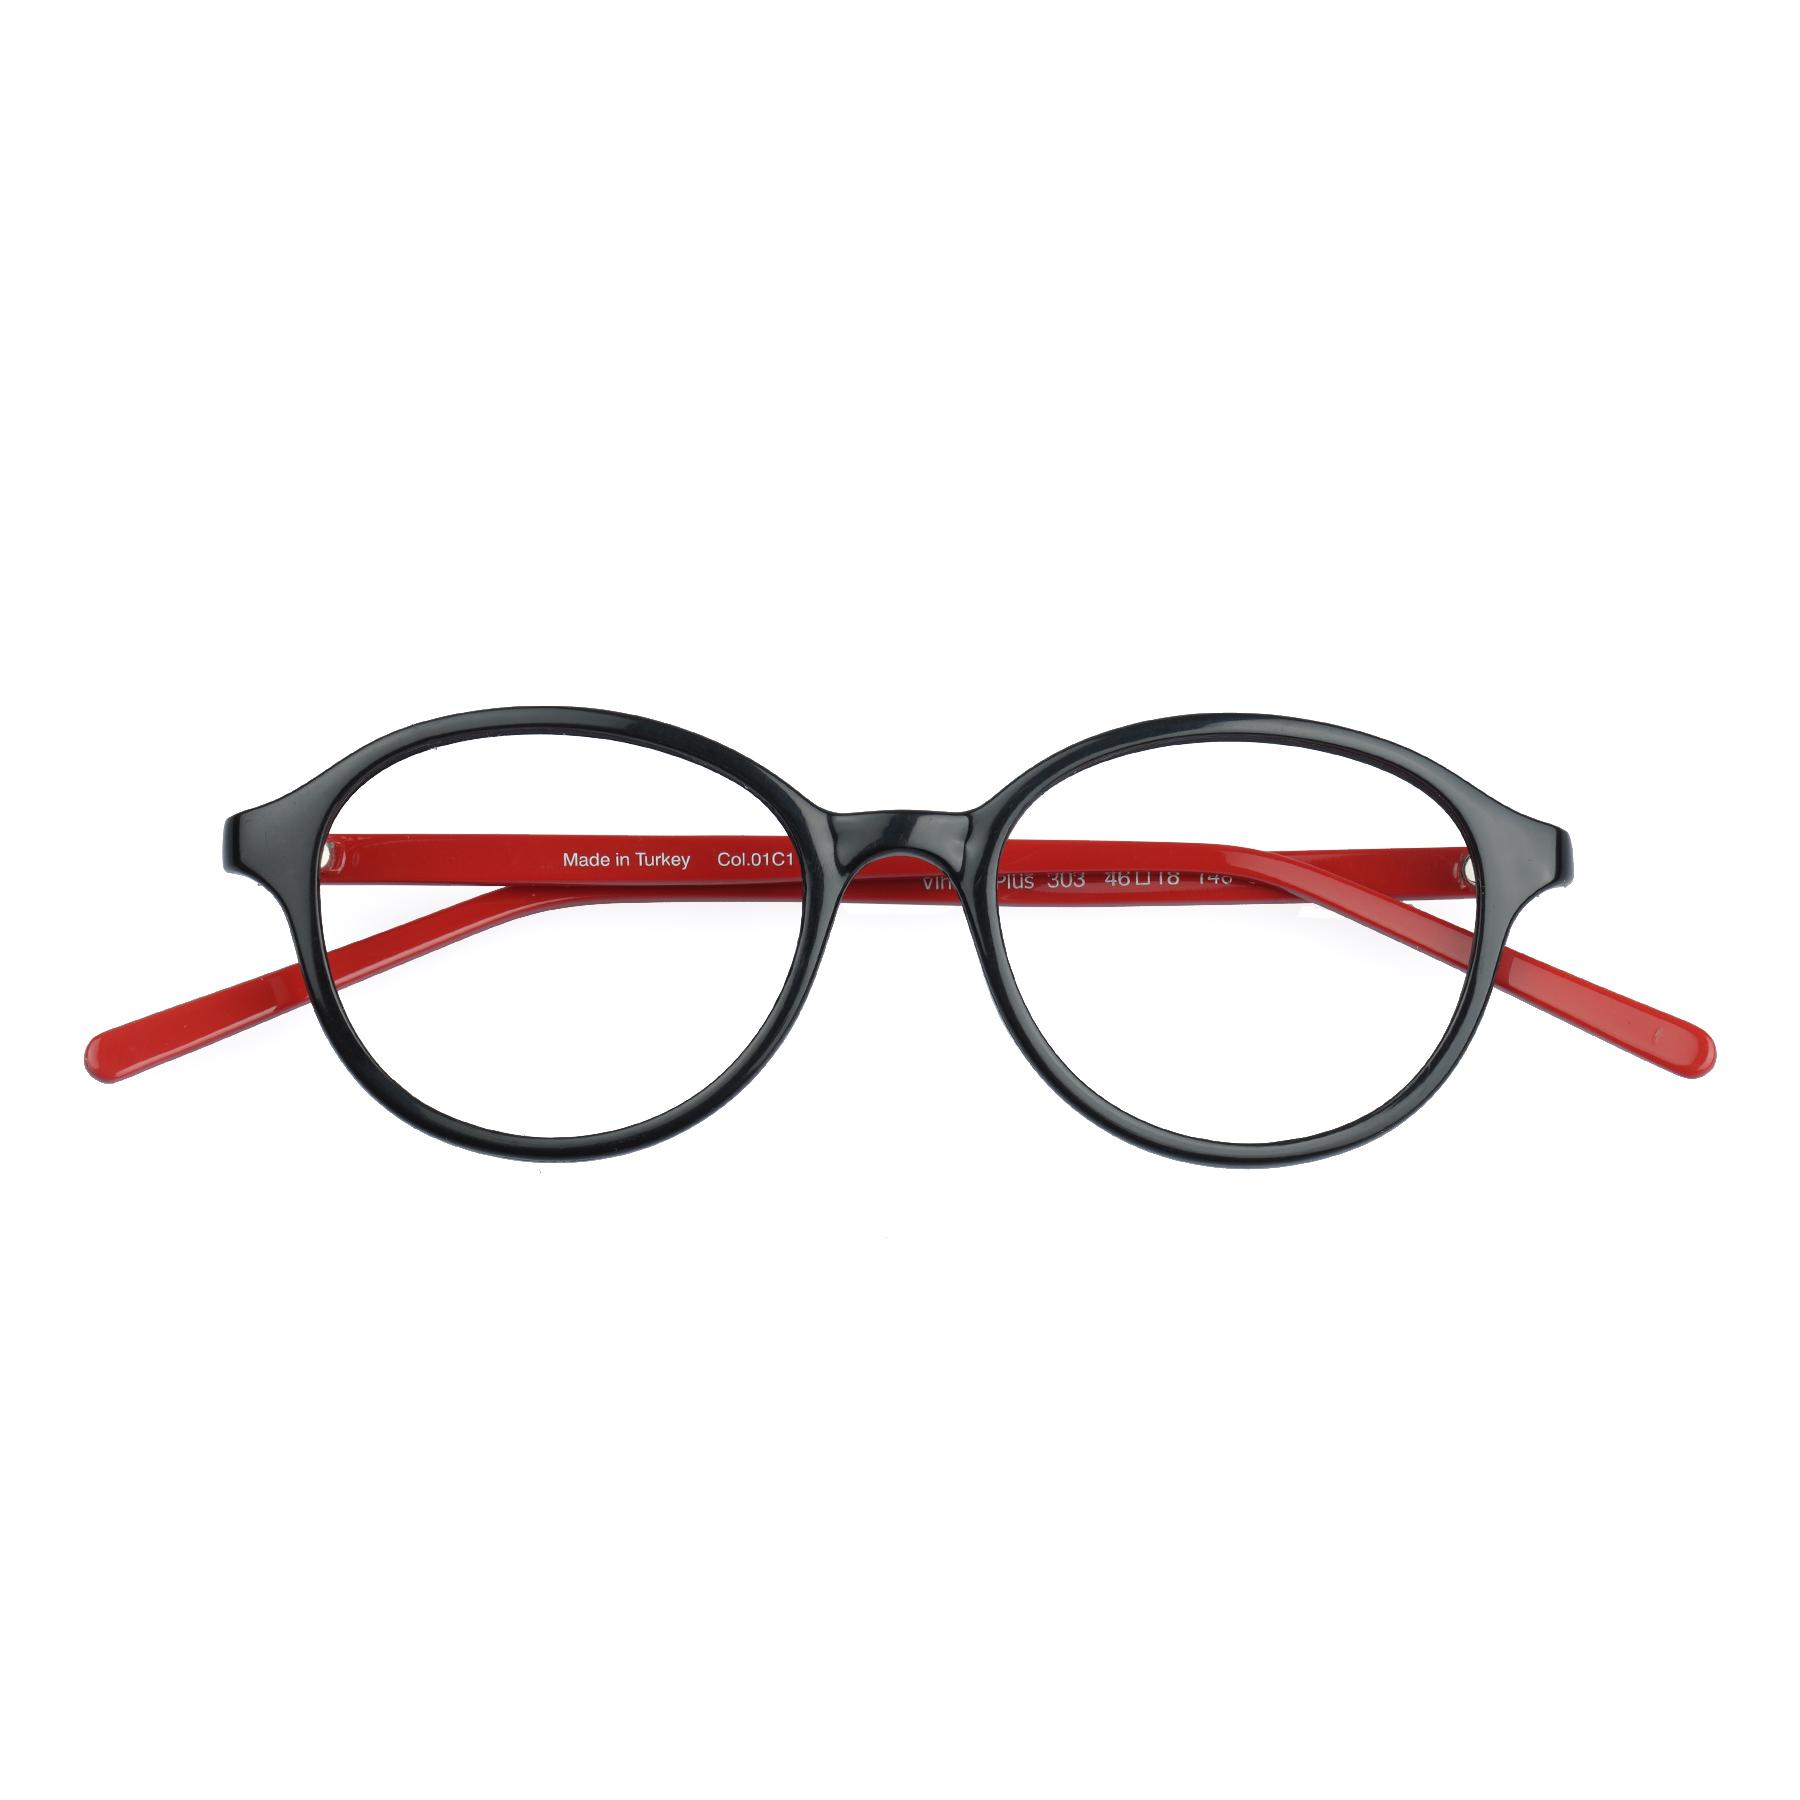 Vinaldi Plus 303 Gözlük Çerçevesi